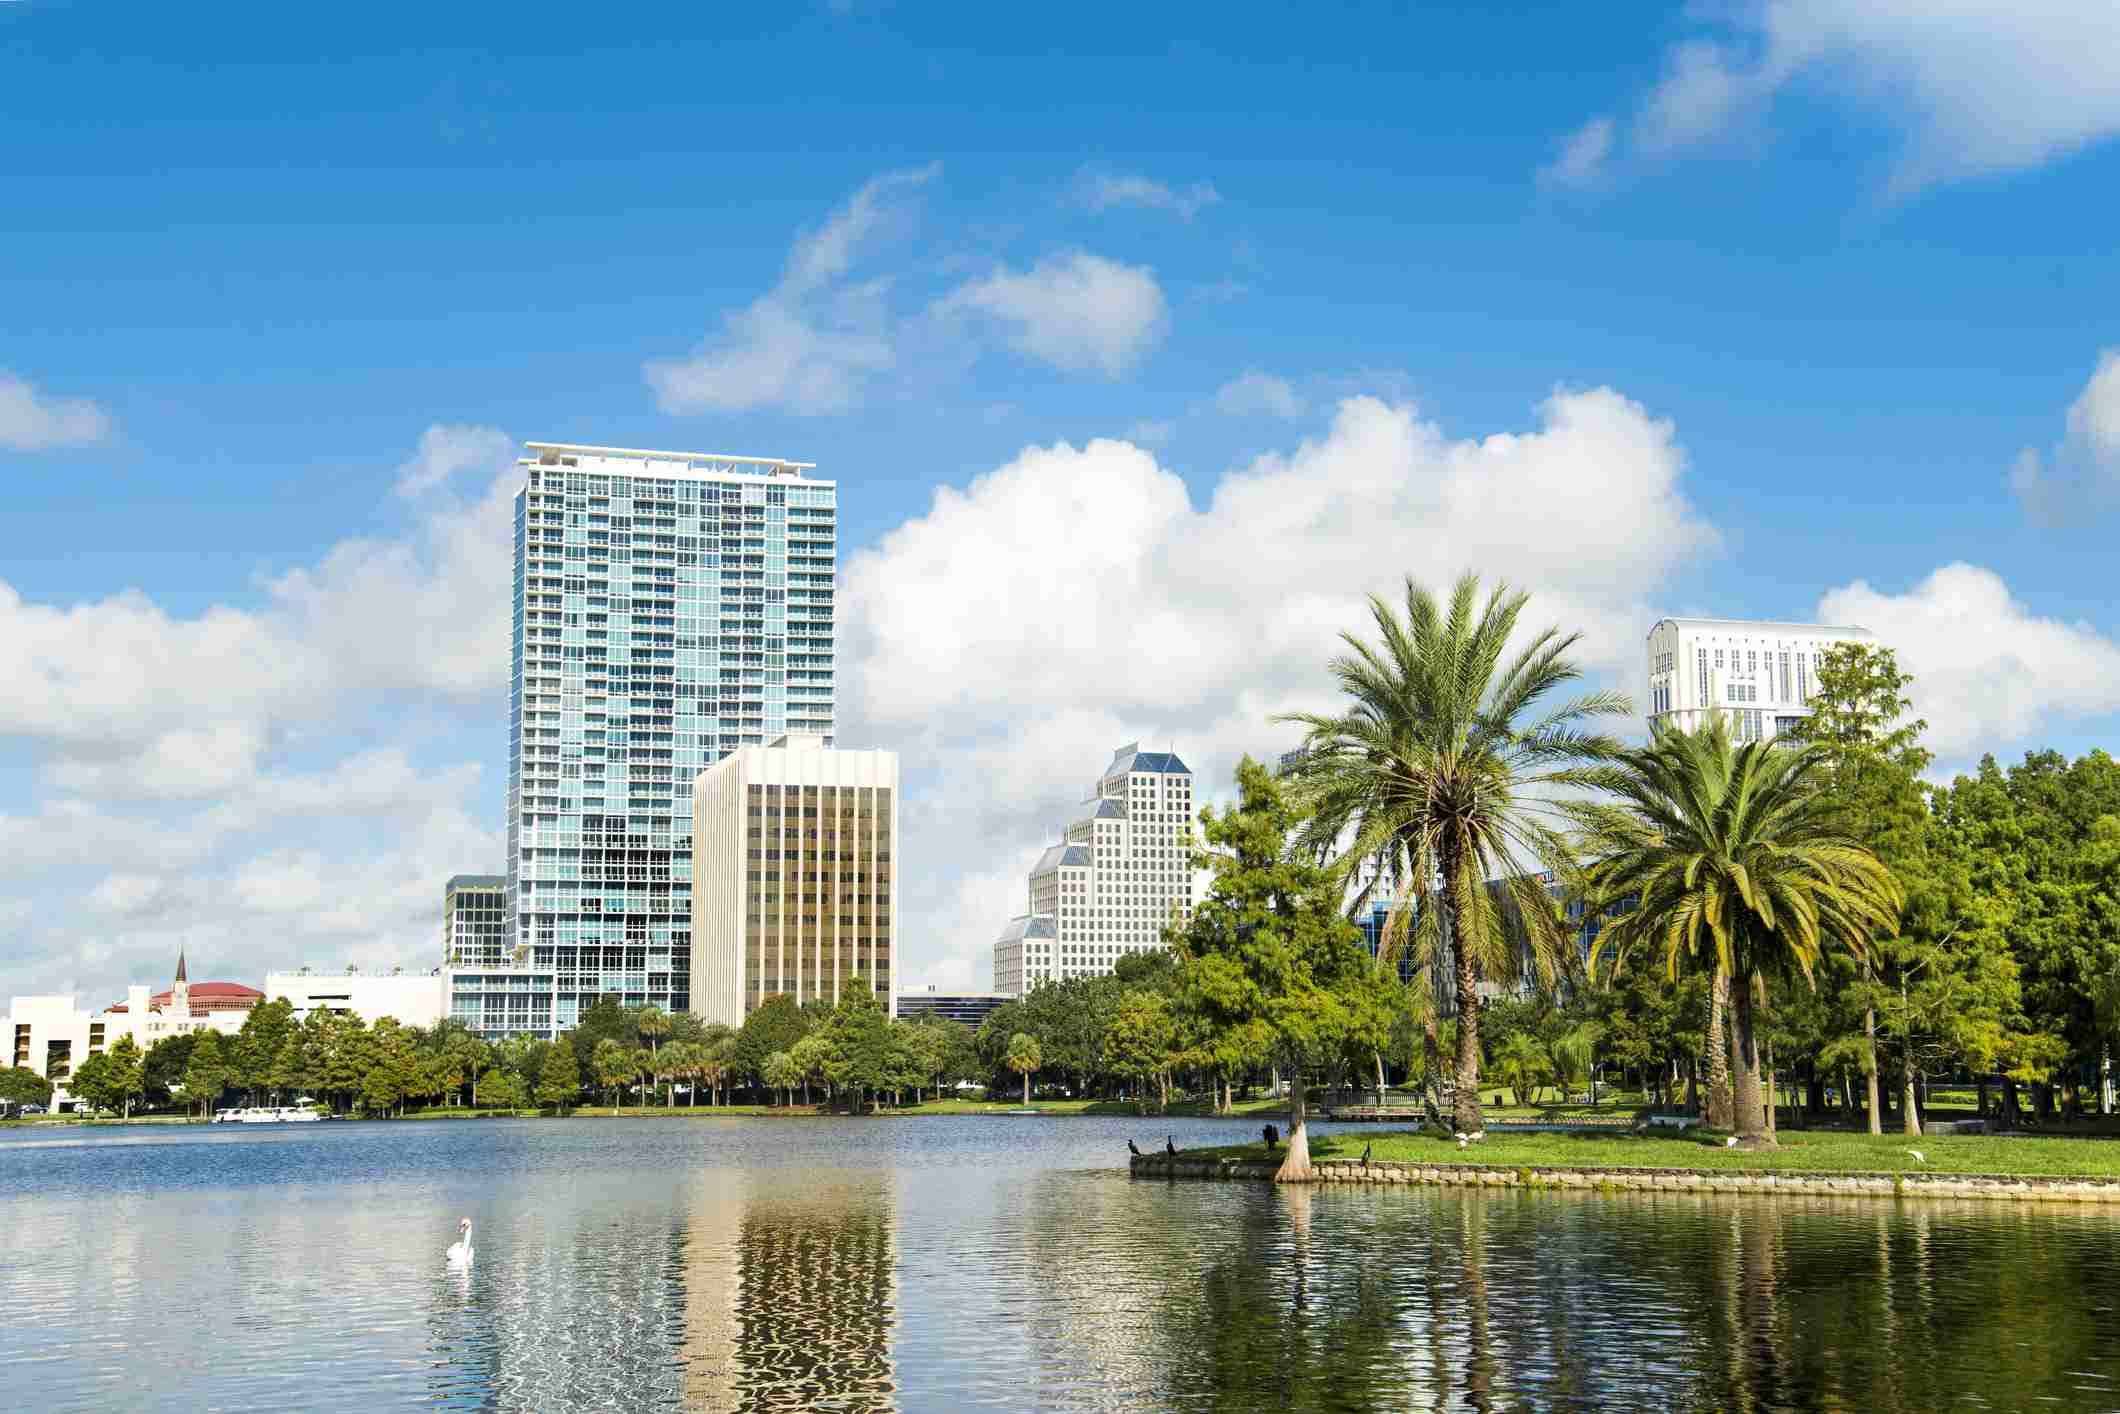 Vista al lago de Orlando Florida